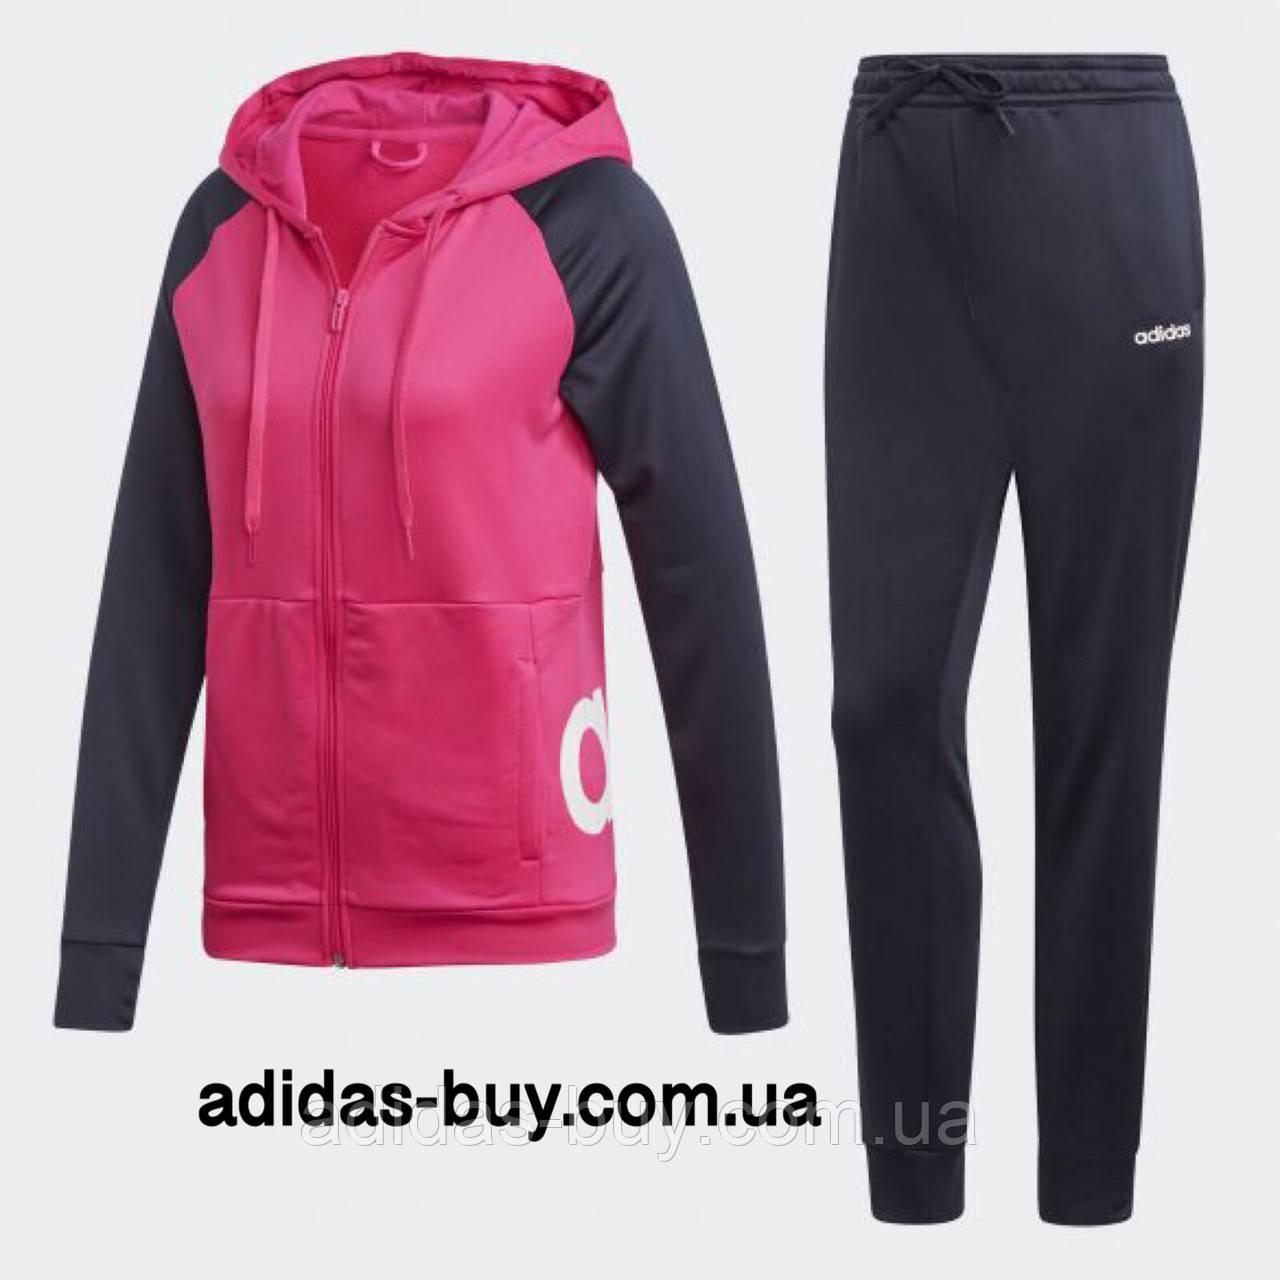 32c25228 Спортивный костюм adidas женский WTS Lin FT Hood оригинальный DV2426 цвет:  синий/розовый -